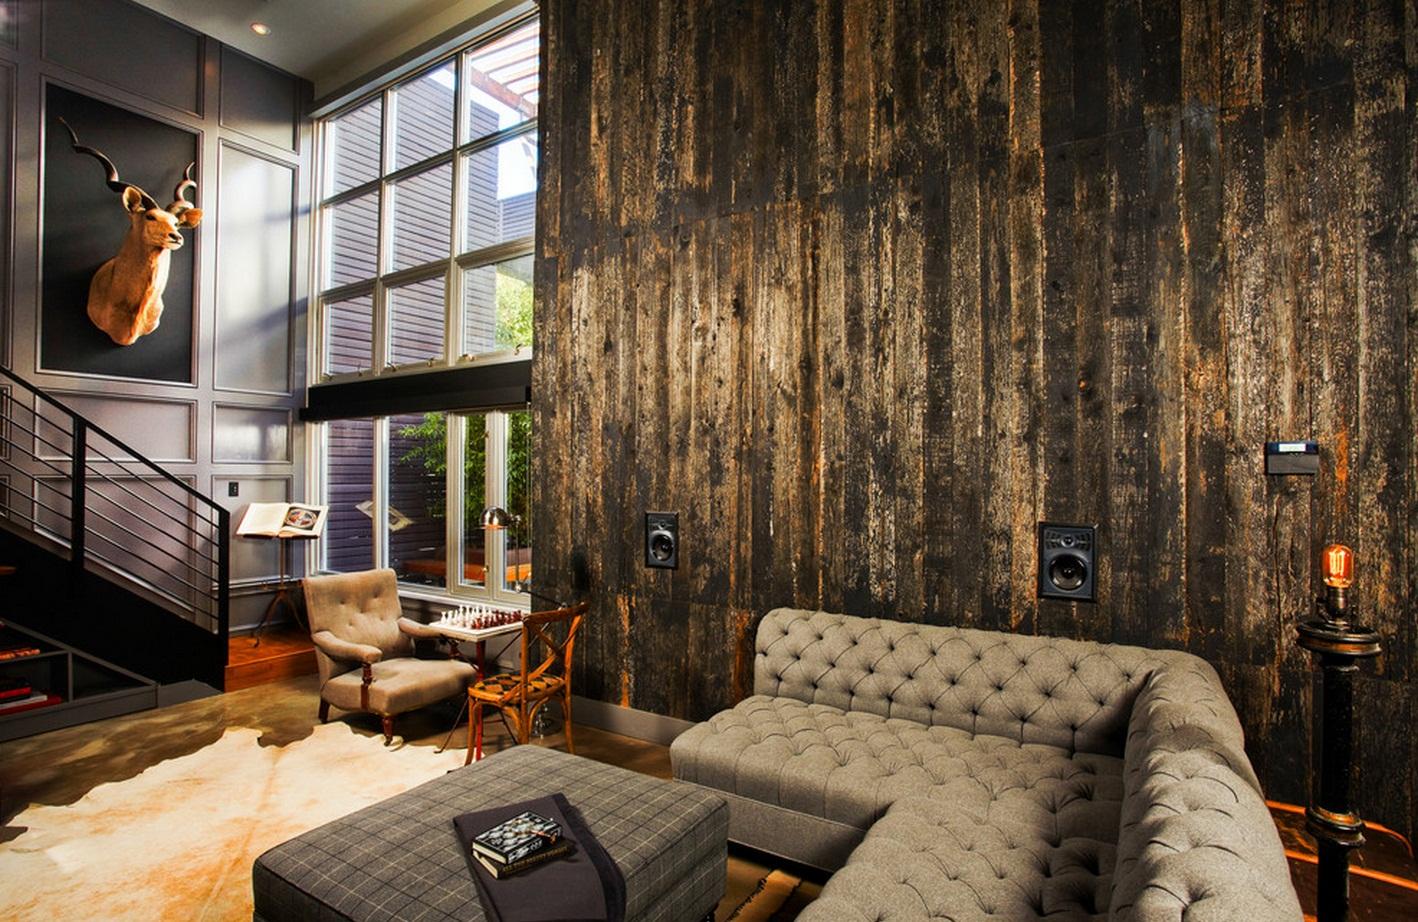 Furnitur yang digunakan cenderung tanpa finishing dan lebih menunjukkan warna aslinya. Furnitur berbahan kayu biasanya tidak dicat, melainkan hanya dipolitur untuk mengantisipasi rayap. Furnitur berbahan besi, alumunium, dan stainless juga tidak dicat sama sekali, tetapi dibiarkan apa adanya seperti layaknya material asli